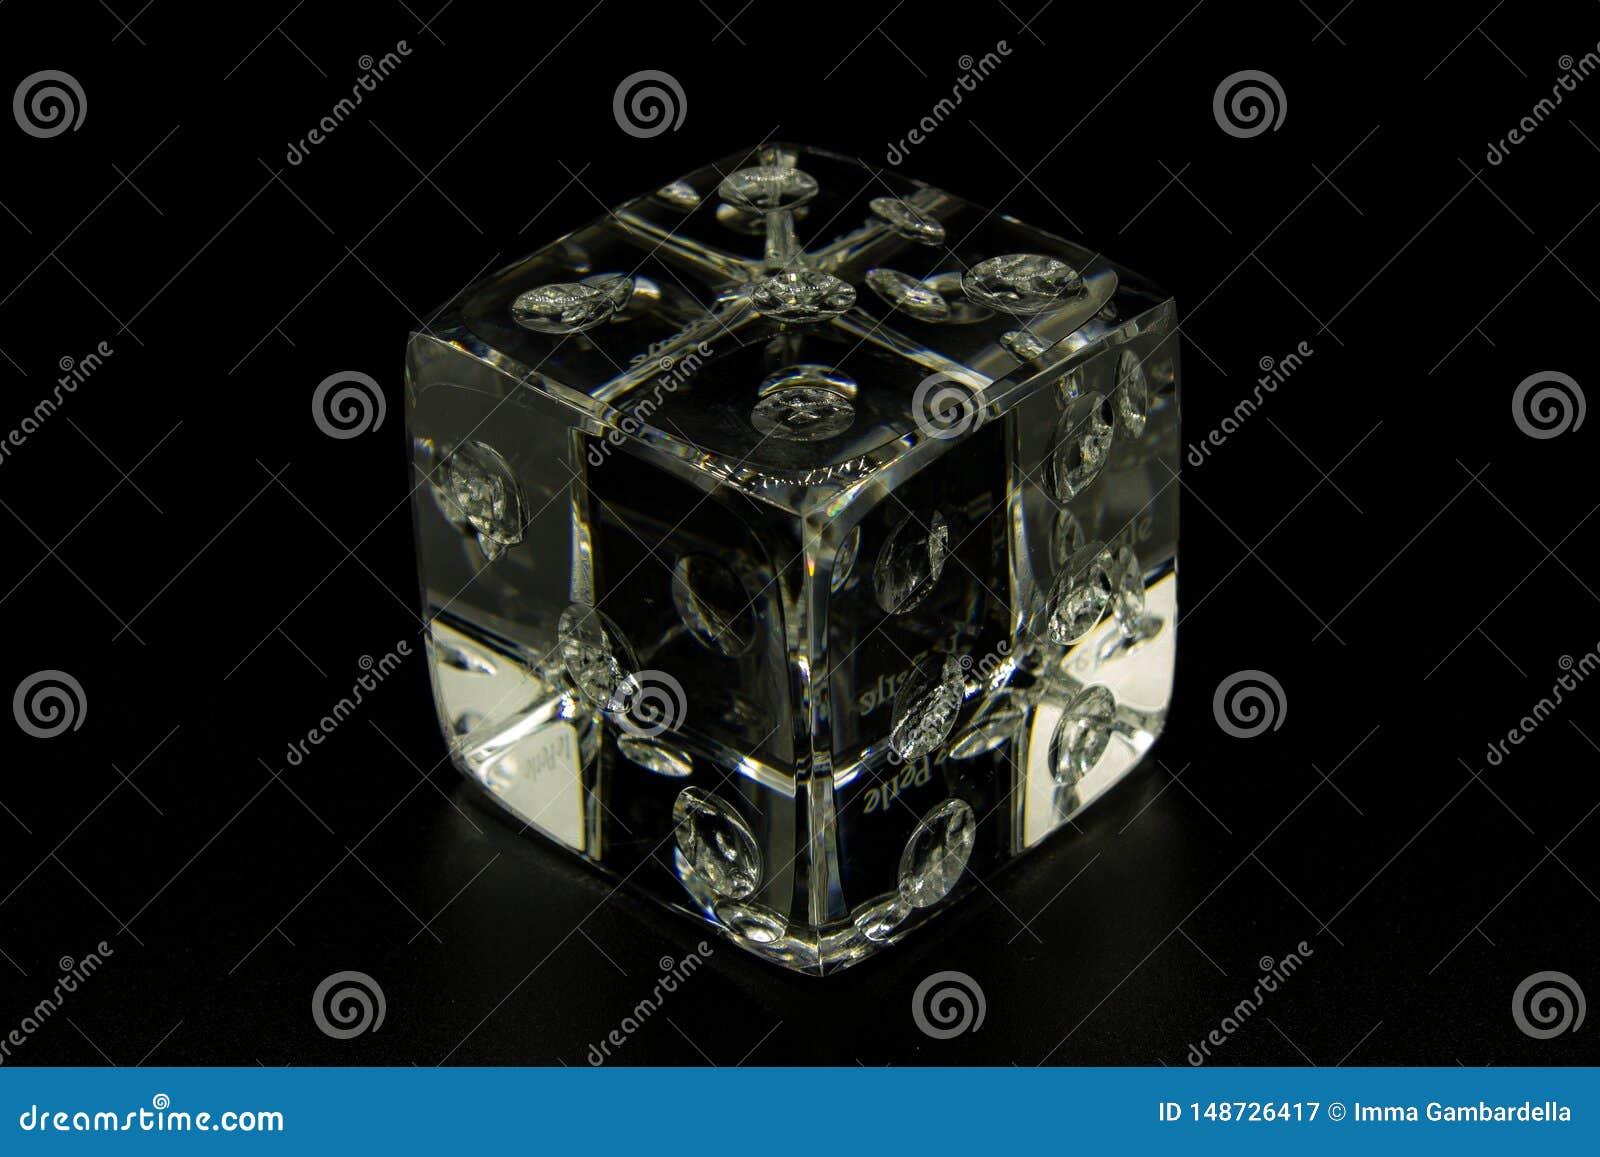 Un dado del juego hecho del vidrio en un fondo negro, para acentuar la transparencia